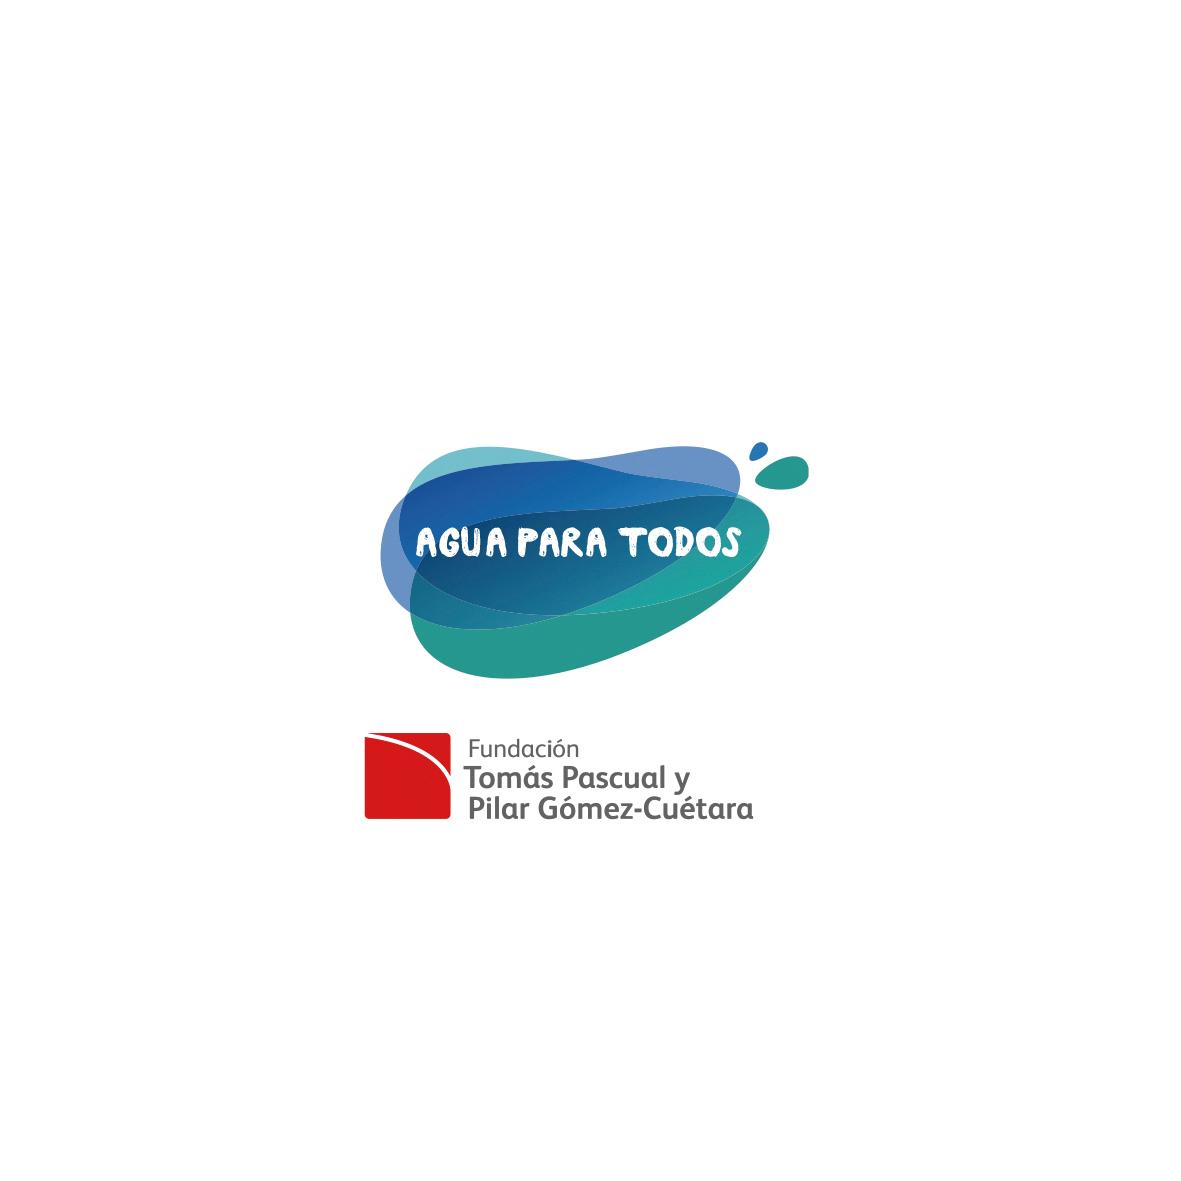 Fundación Pascual logotipo